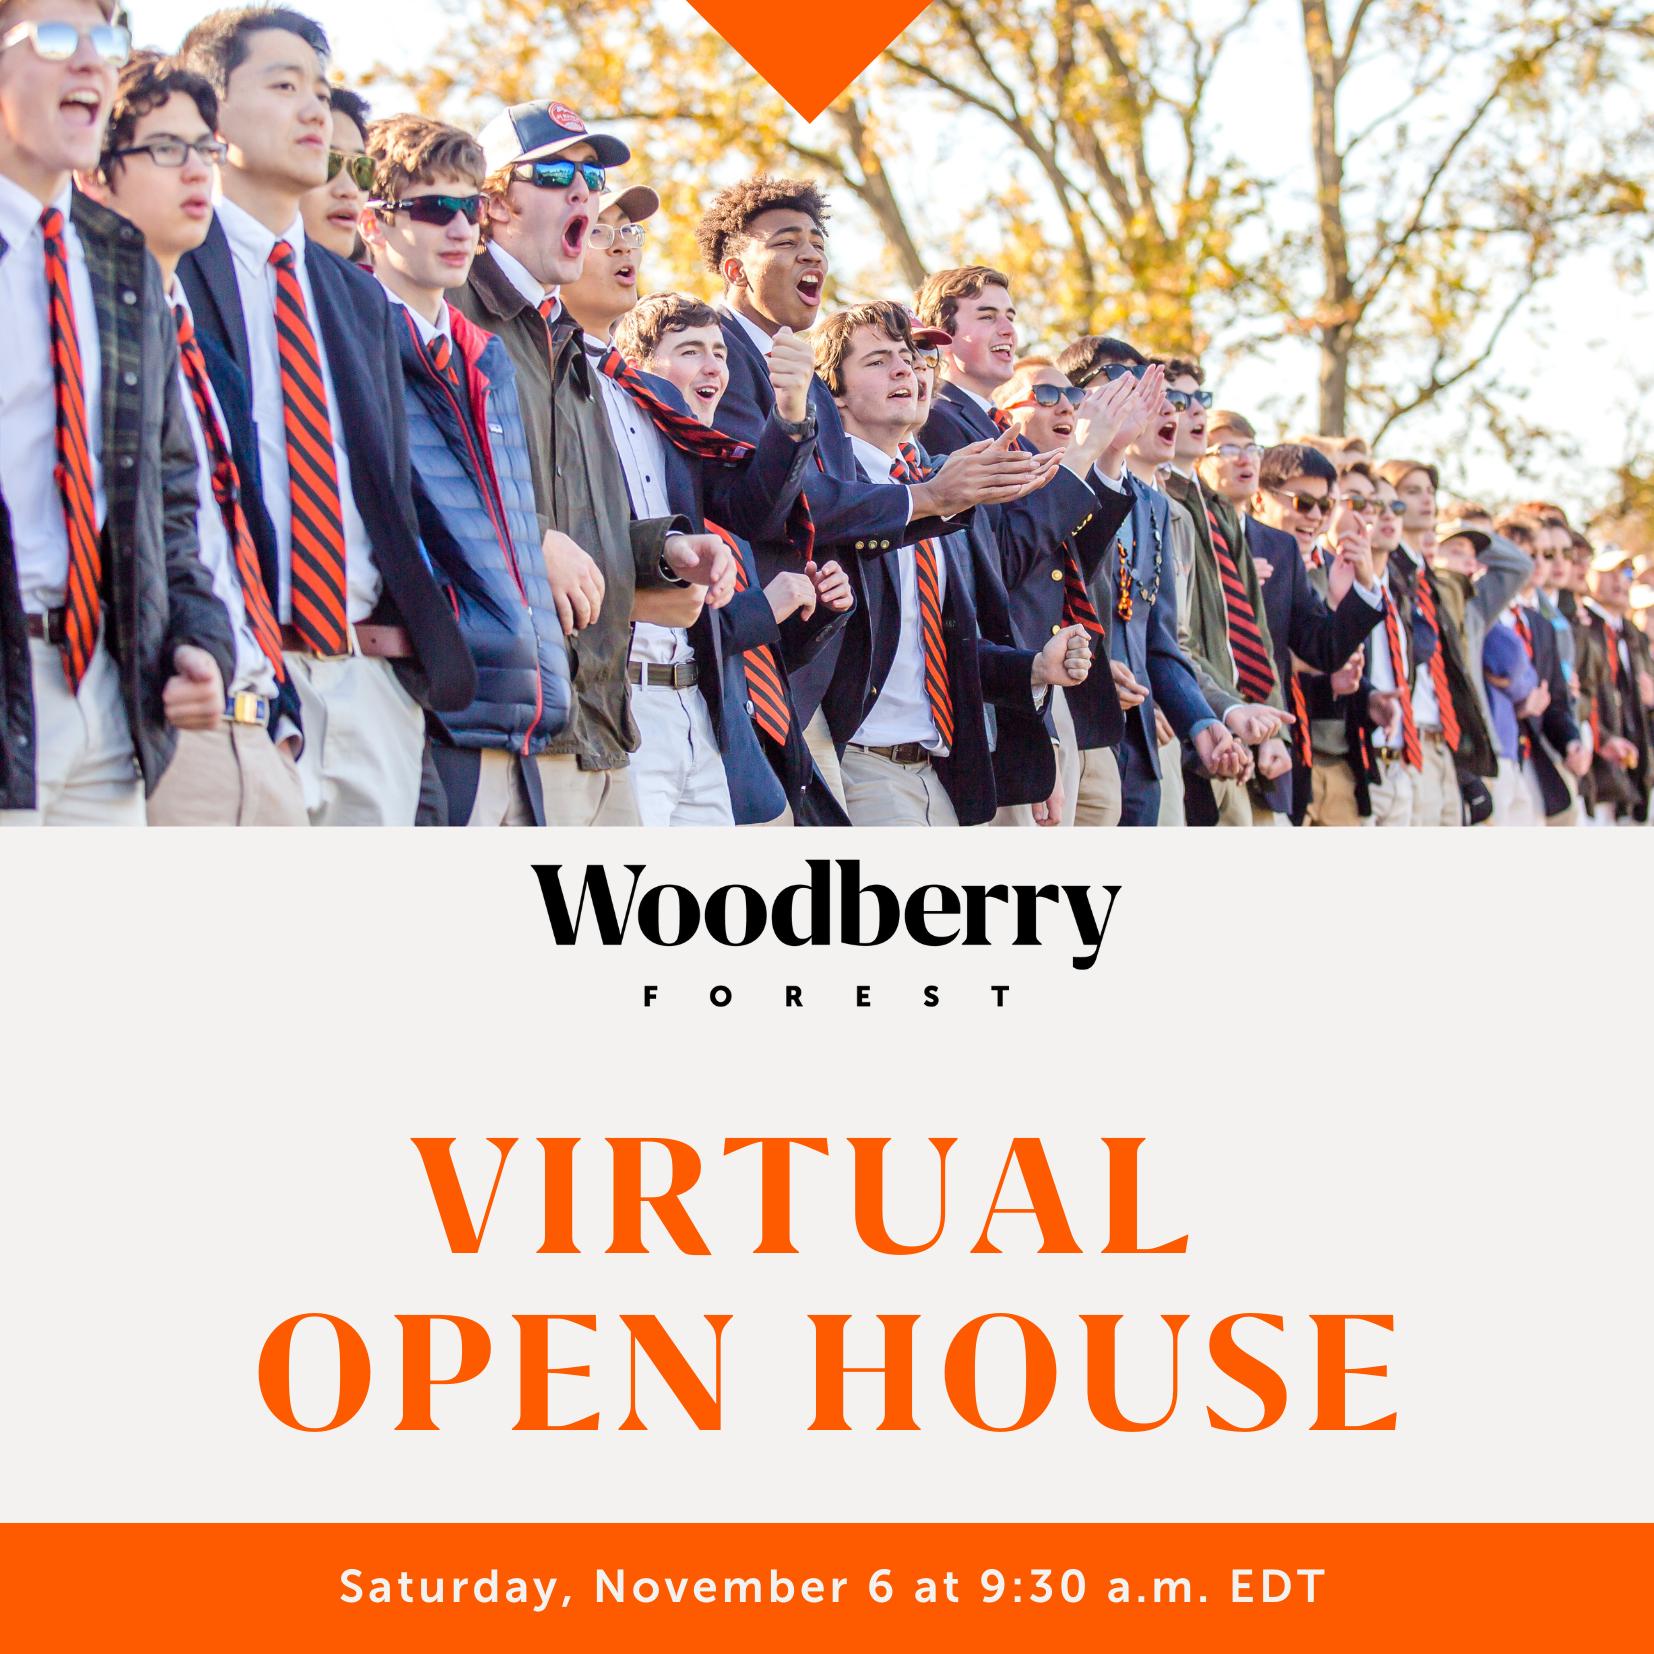 Virtual Open House Invite